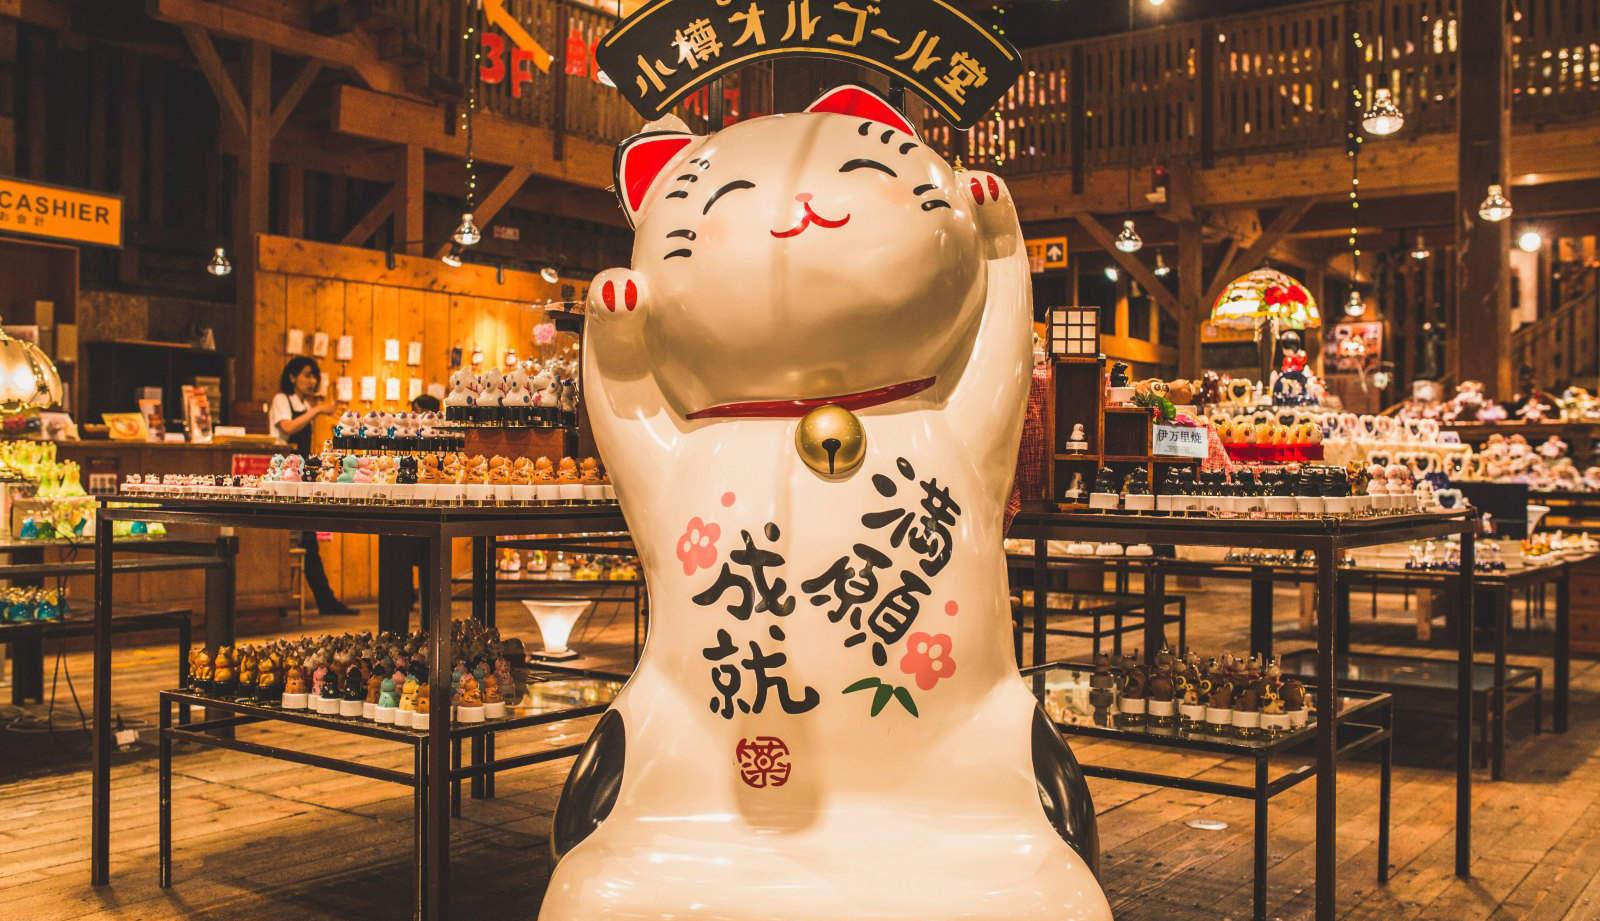 【首航大促】上海直飞札幌6天往返含税机票(可选wifi/单次签证)